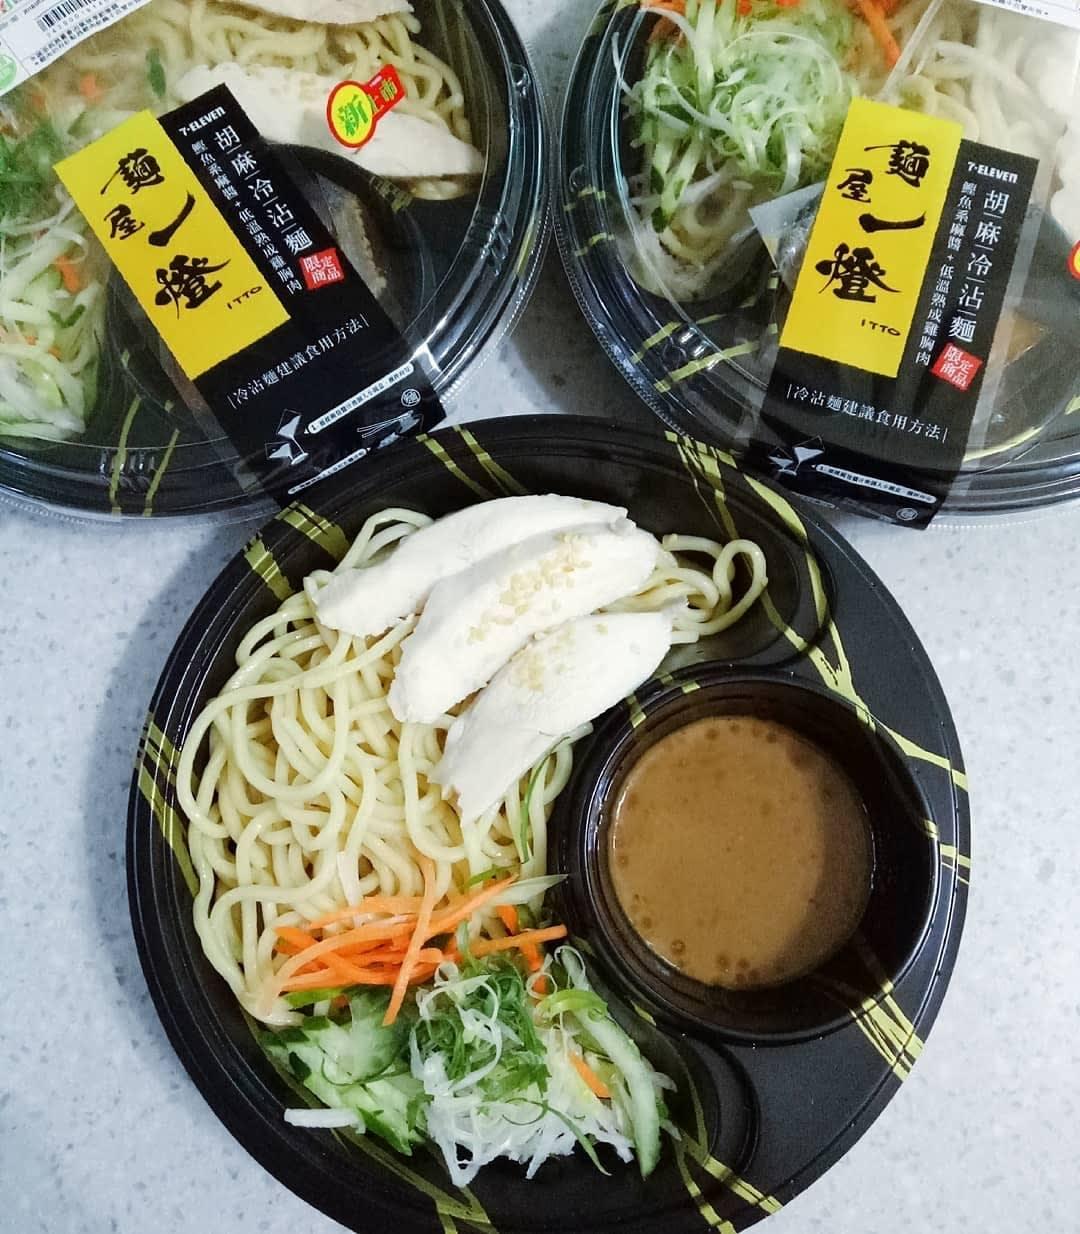 Special Noodle Bento Taiwan 7-Eleven